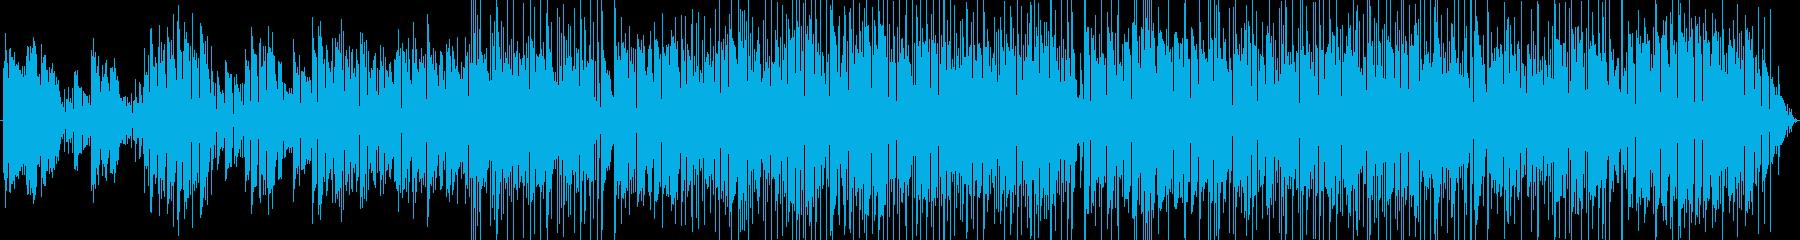 ドラム、パーカッション、エレキギタ...の再生済みの波形